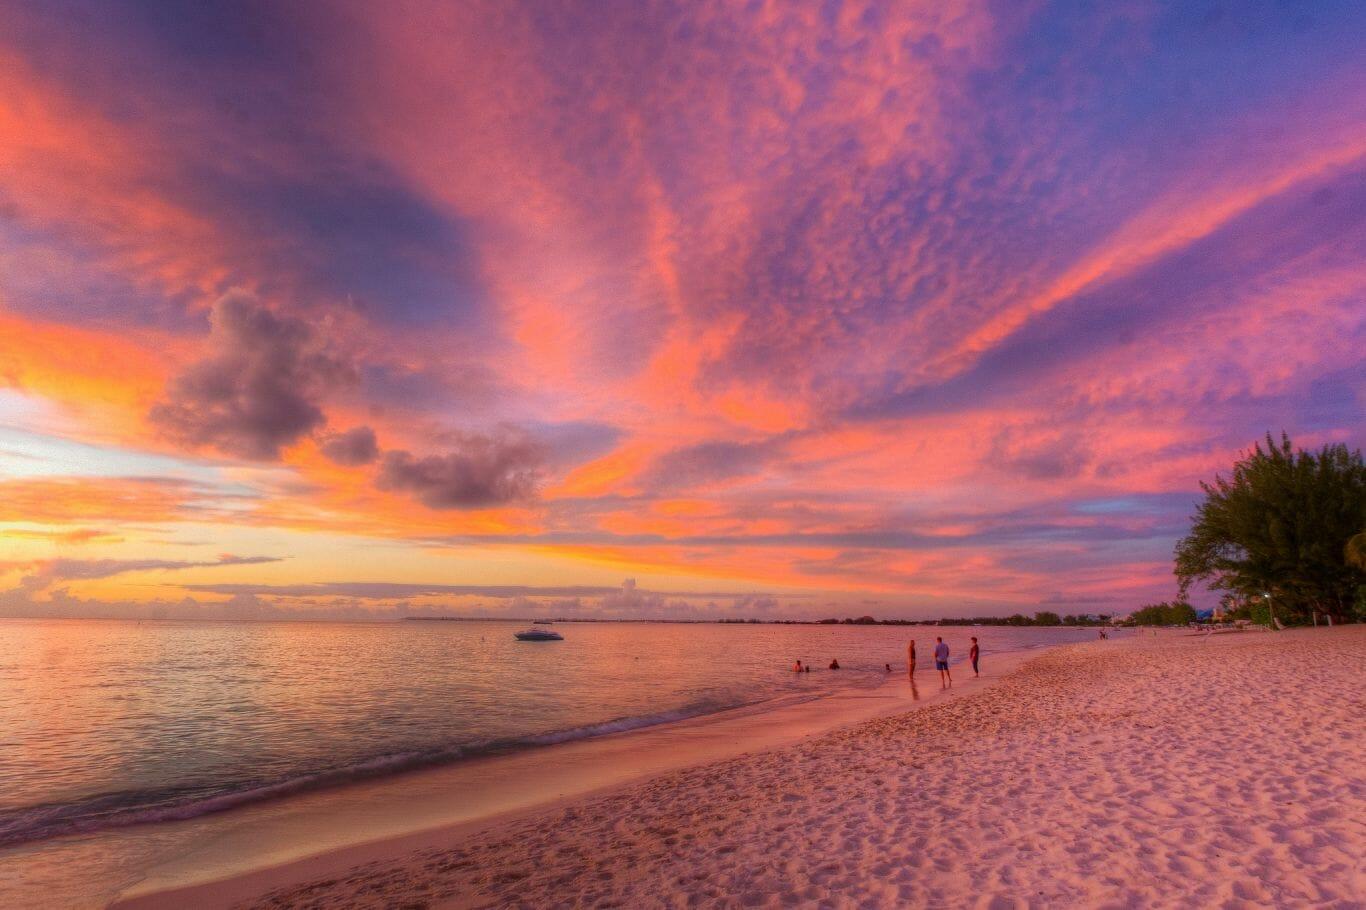 Seven Mile Beach é uma praia lindíssima, areia branca e mar turquesa